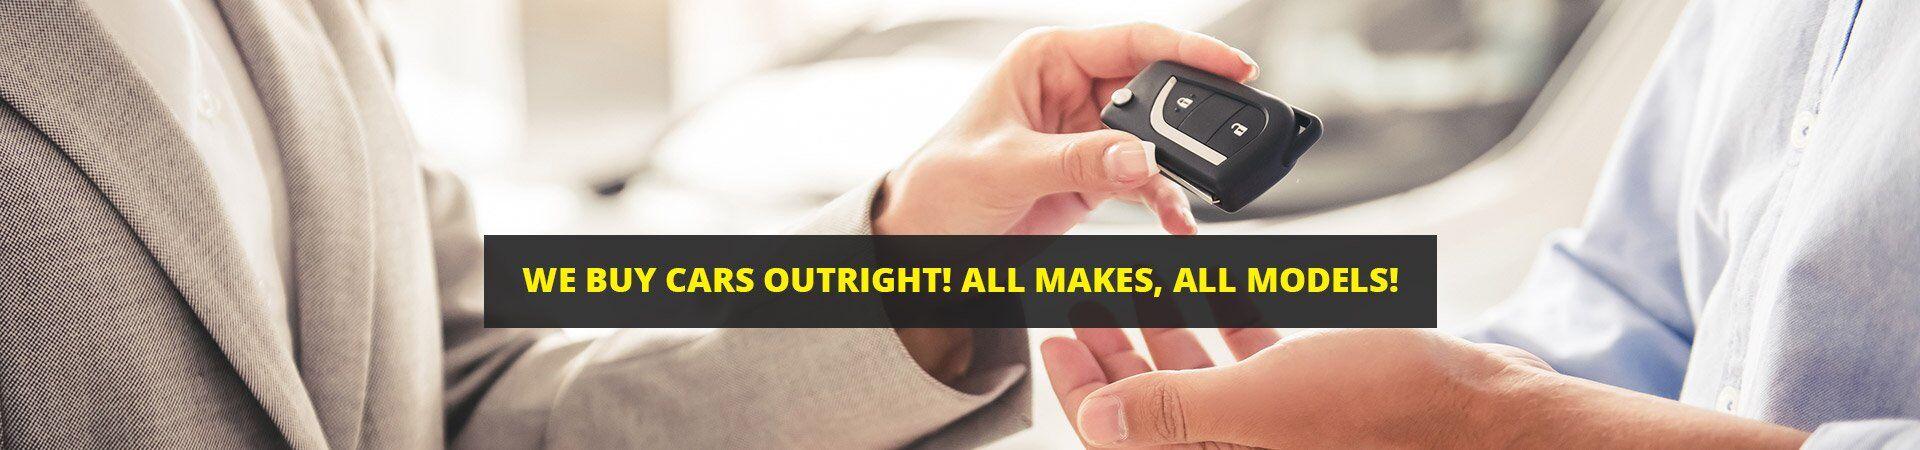 Outlet Car Sales Enterprise Al